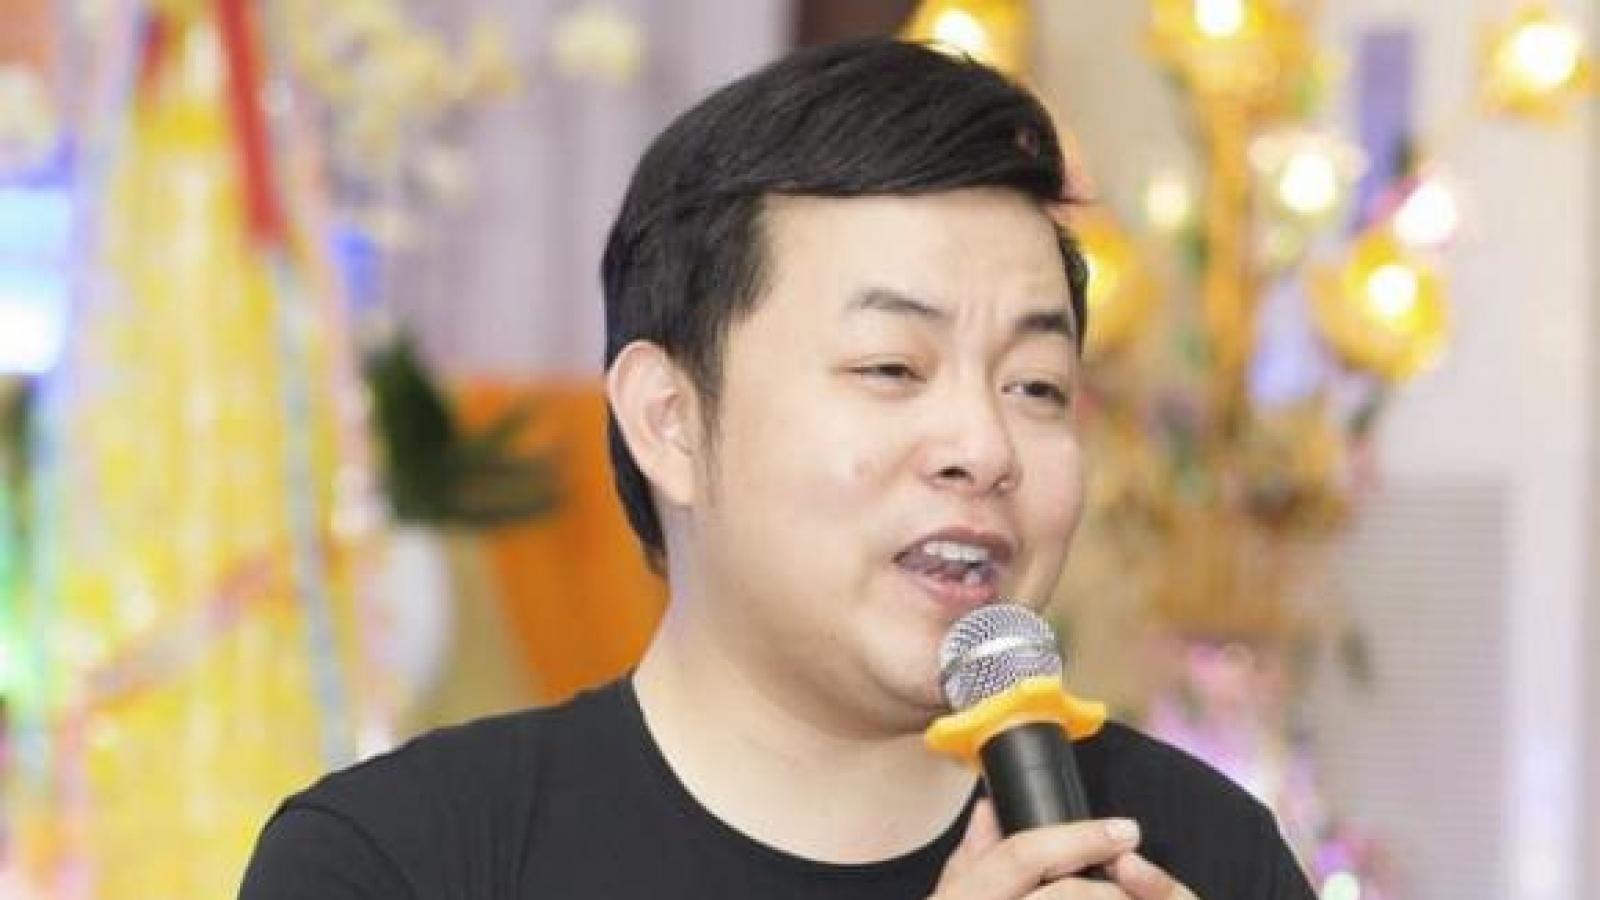 Chuyện showbiz: Quang Lê lên tiếng chuyện bị tố nợ nần hơn 100 triệu và 2 năm không trả